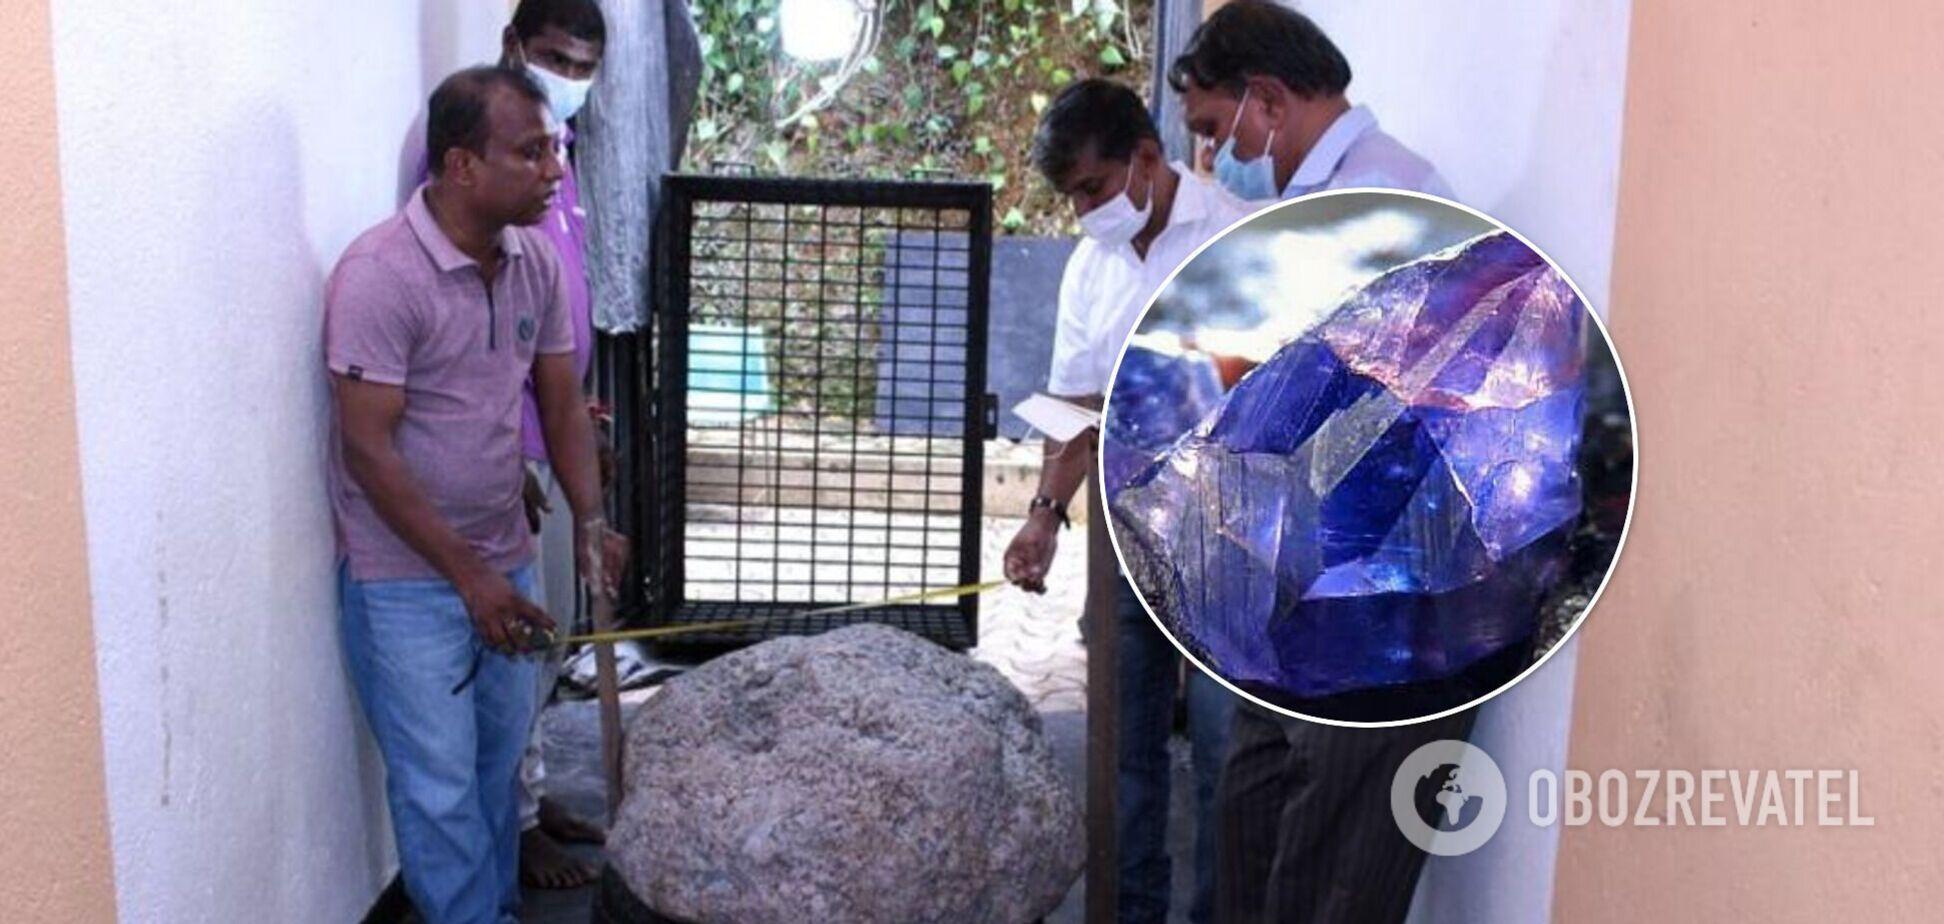 На Шрі-Ланці робітники випадково знайшли величезний сапфір вартістю $100 млн. Фото